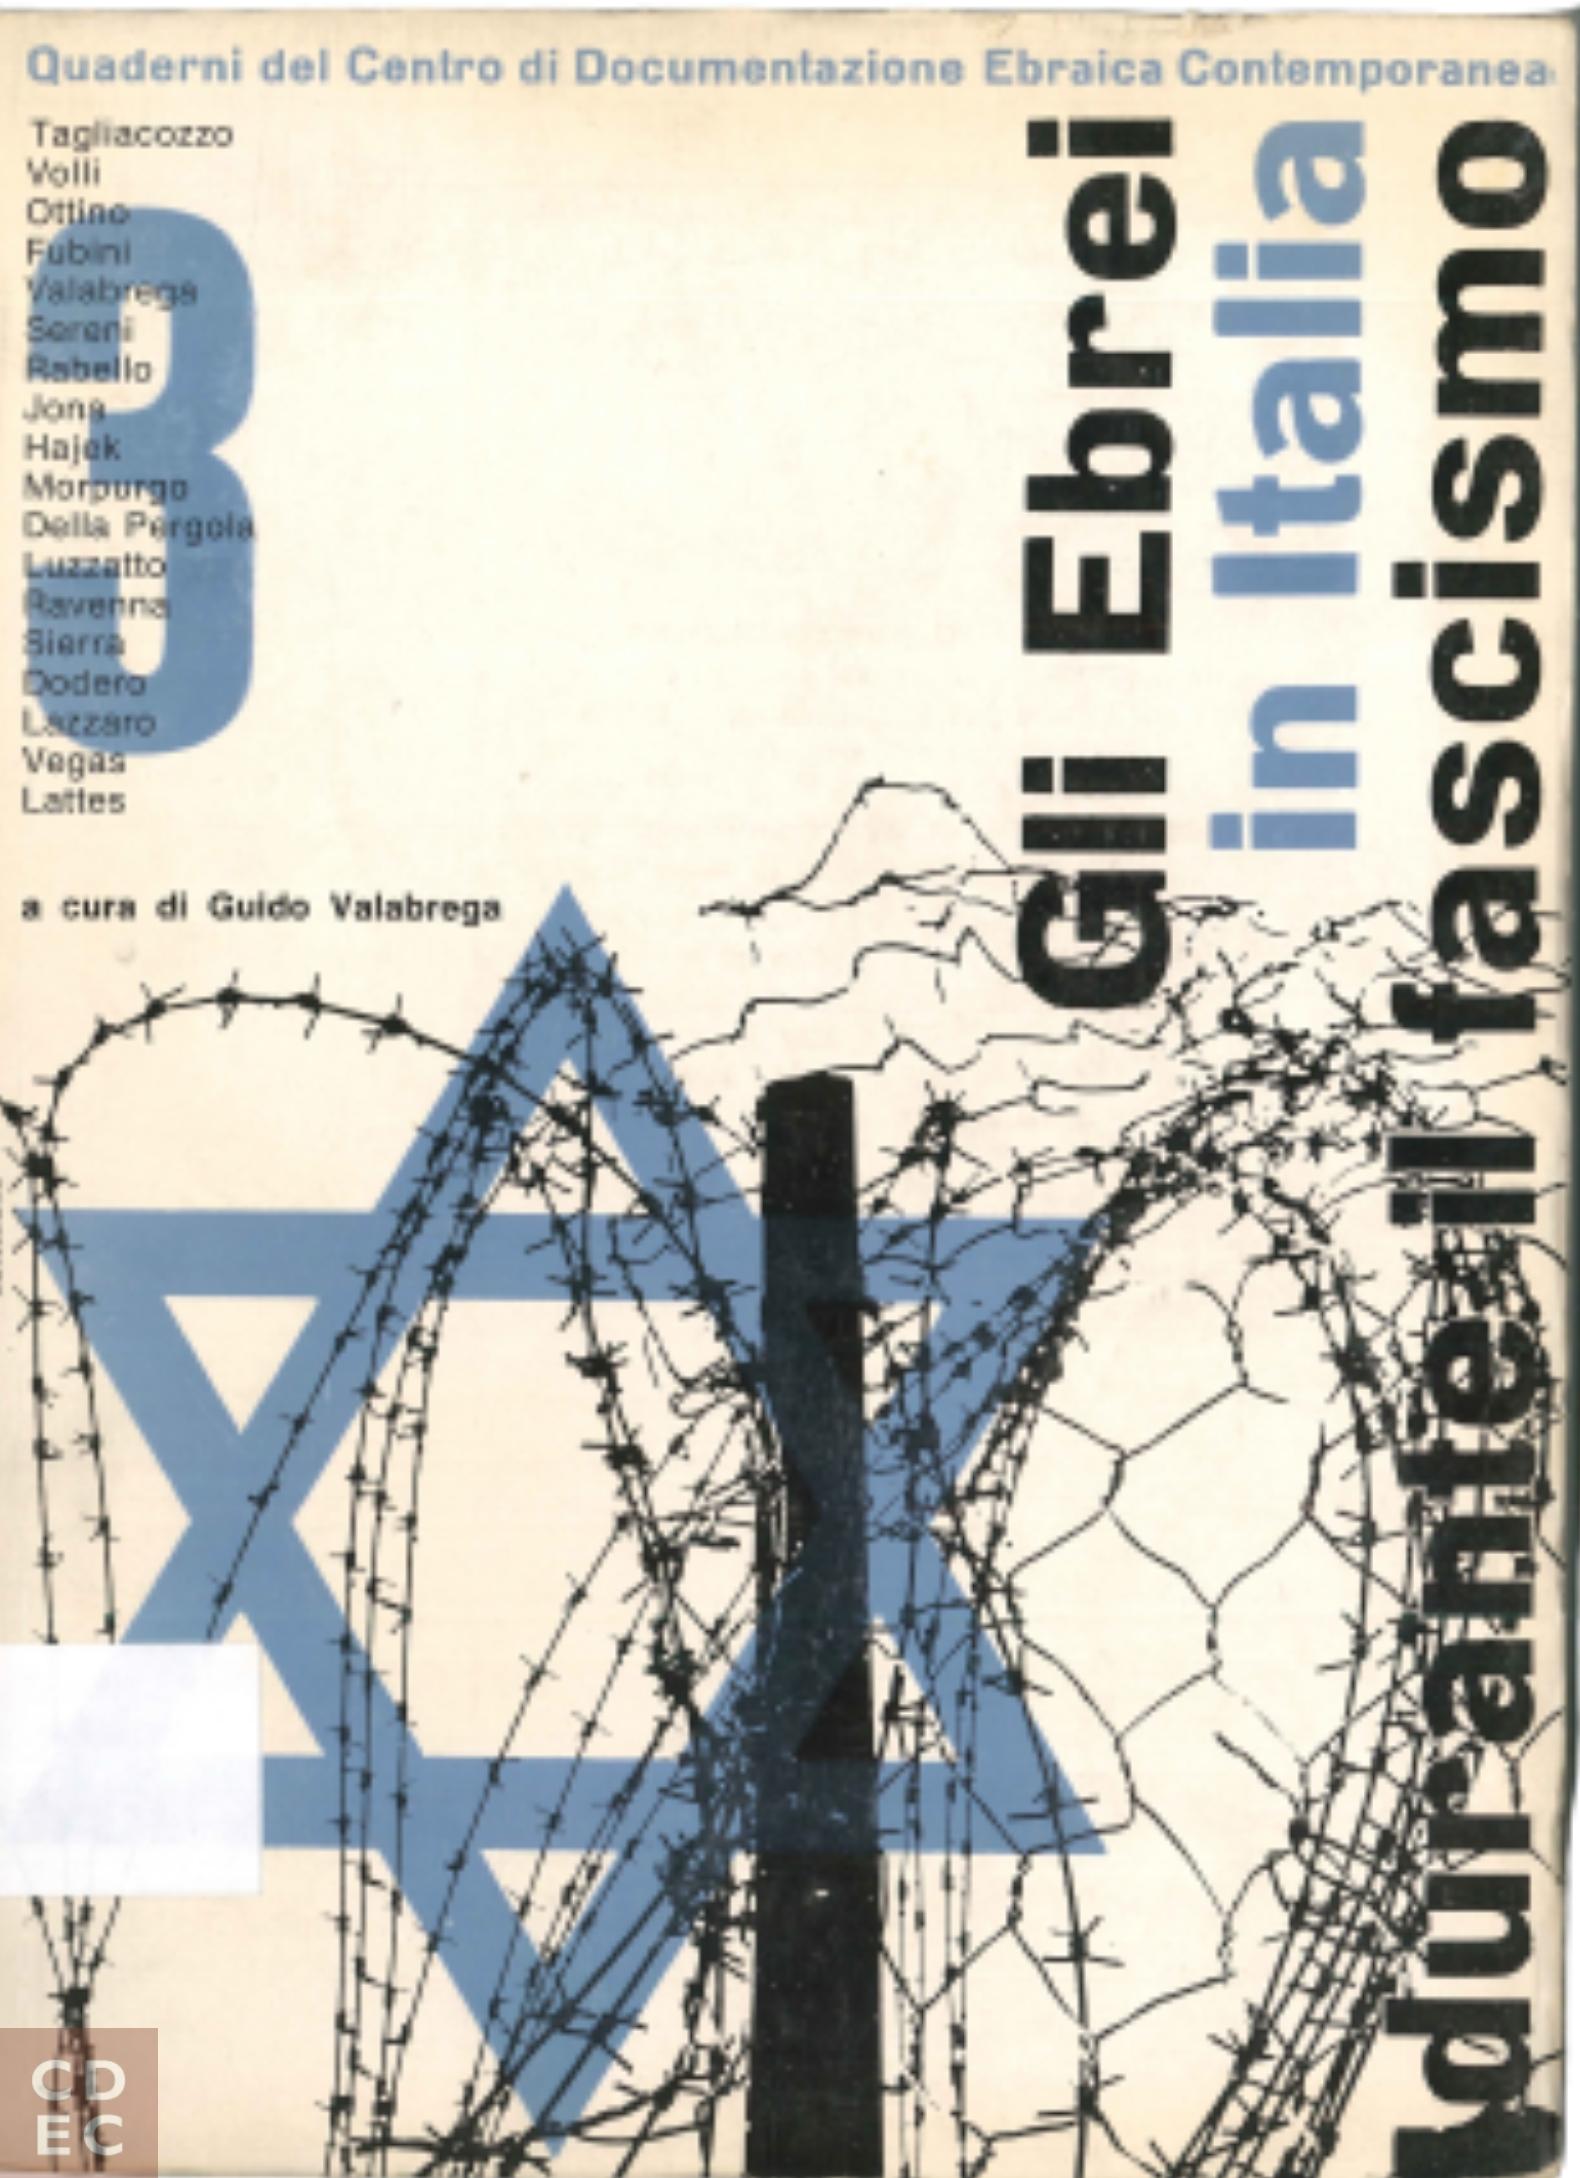 Copertina del Terzo Quaderno